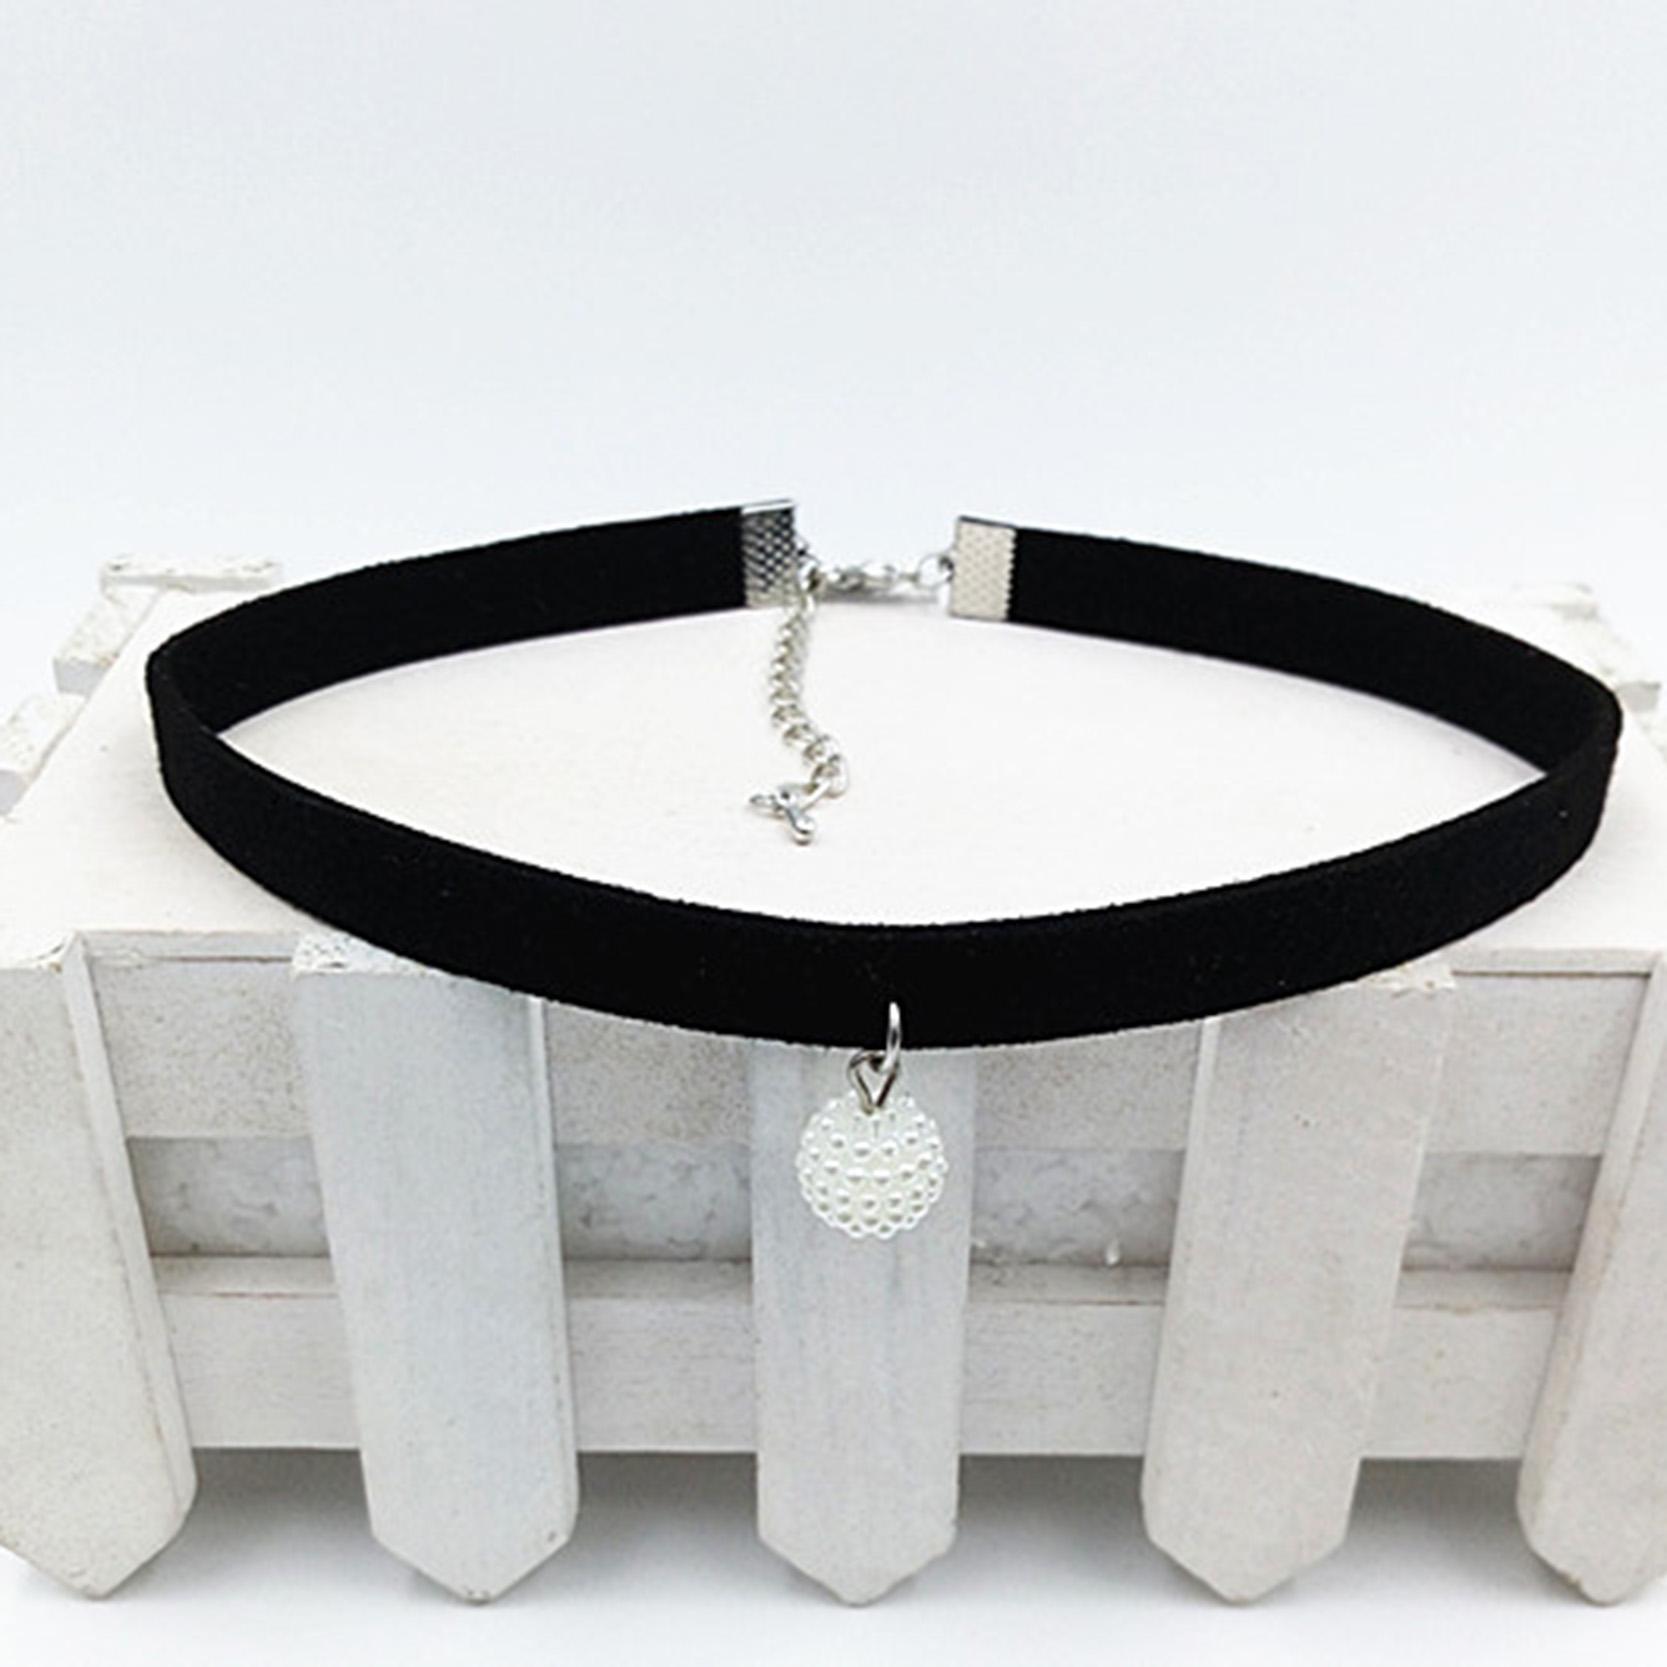 bee8a8226345 Compre Al Por Mayor Moda Cuerda Negro Resina Colgante Gargantilla ...